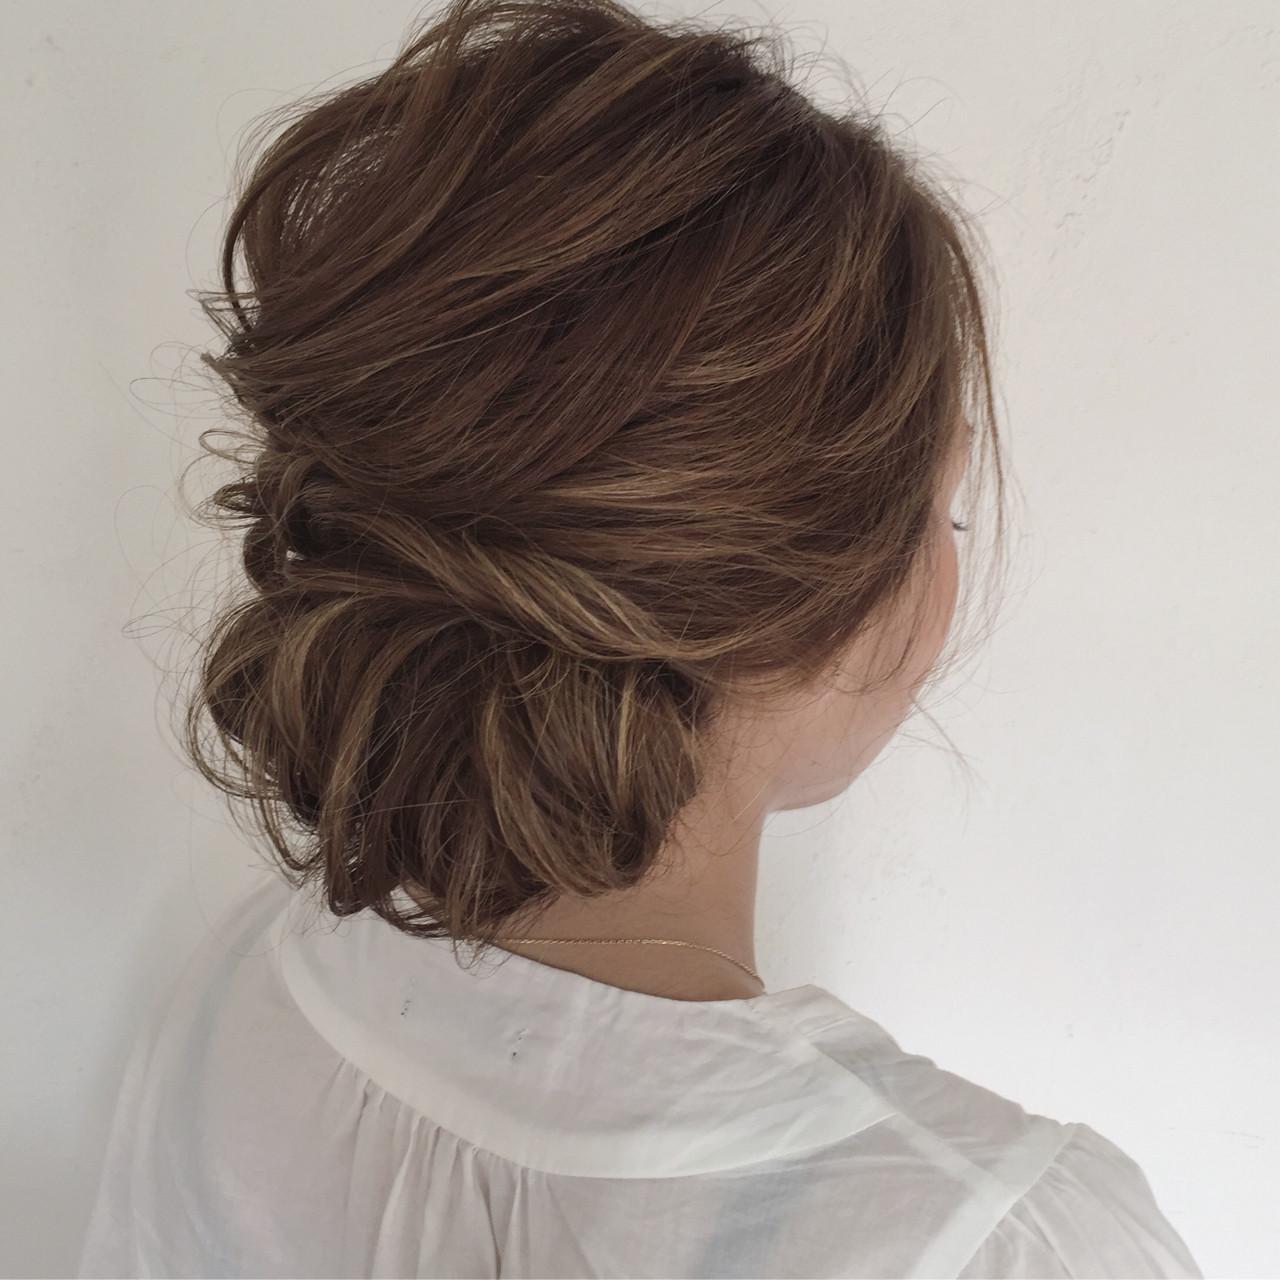 エレガント ミディアム 花火大会 ヘアアレンジヘアスタイルや髪型の写真・画像